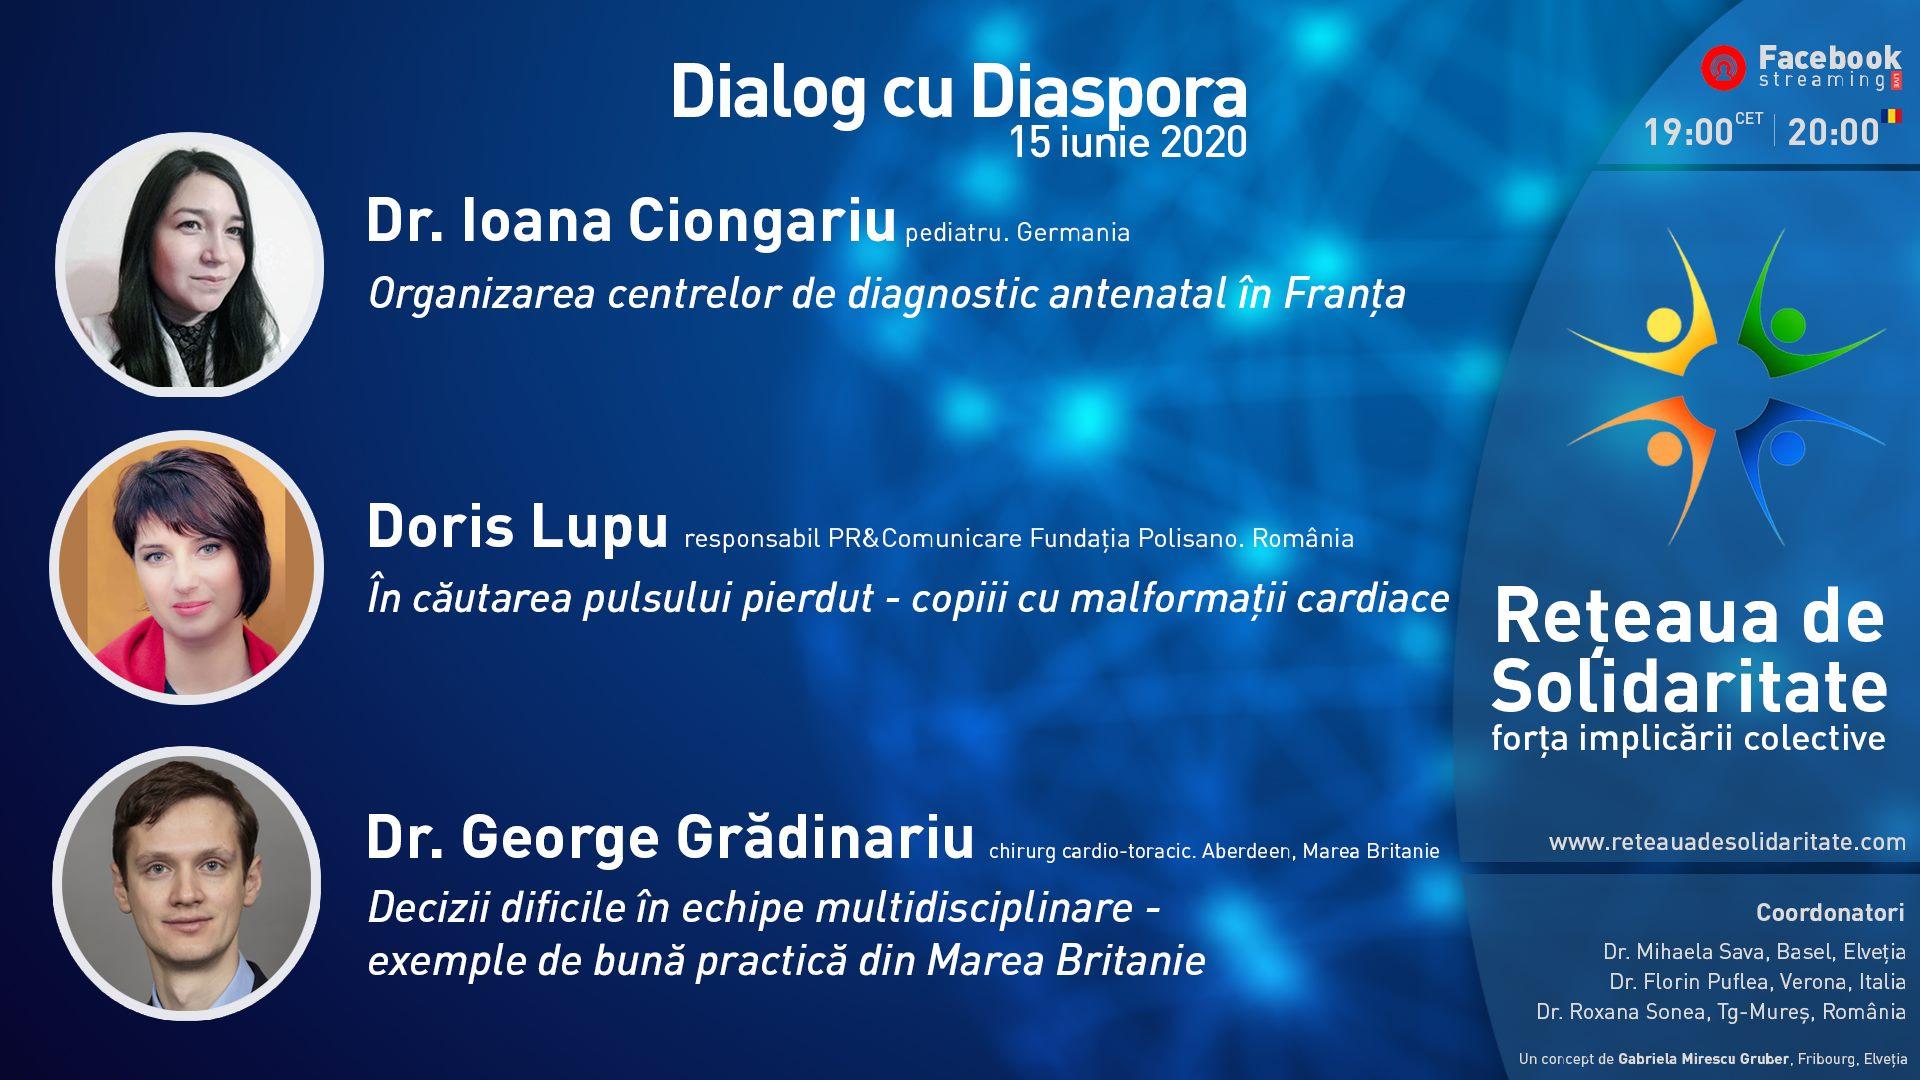 Teme incitante în Dialogul cu Diaspora de pe 15 iunie